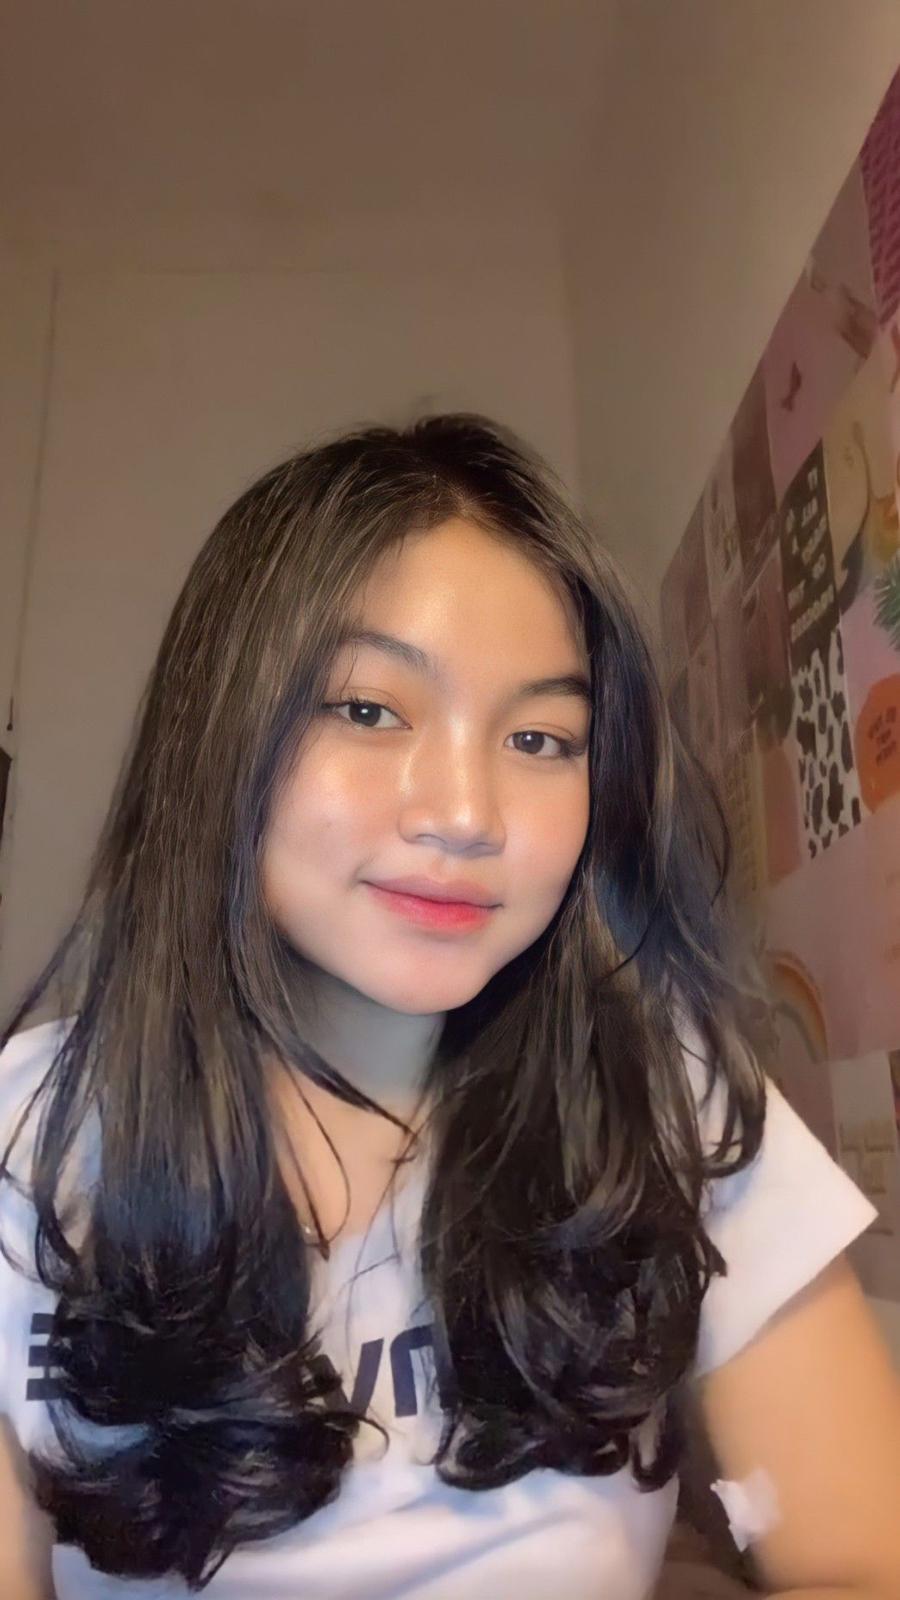 Beautiful Korean Girl Face HD Wallpapers Download